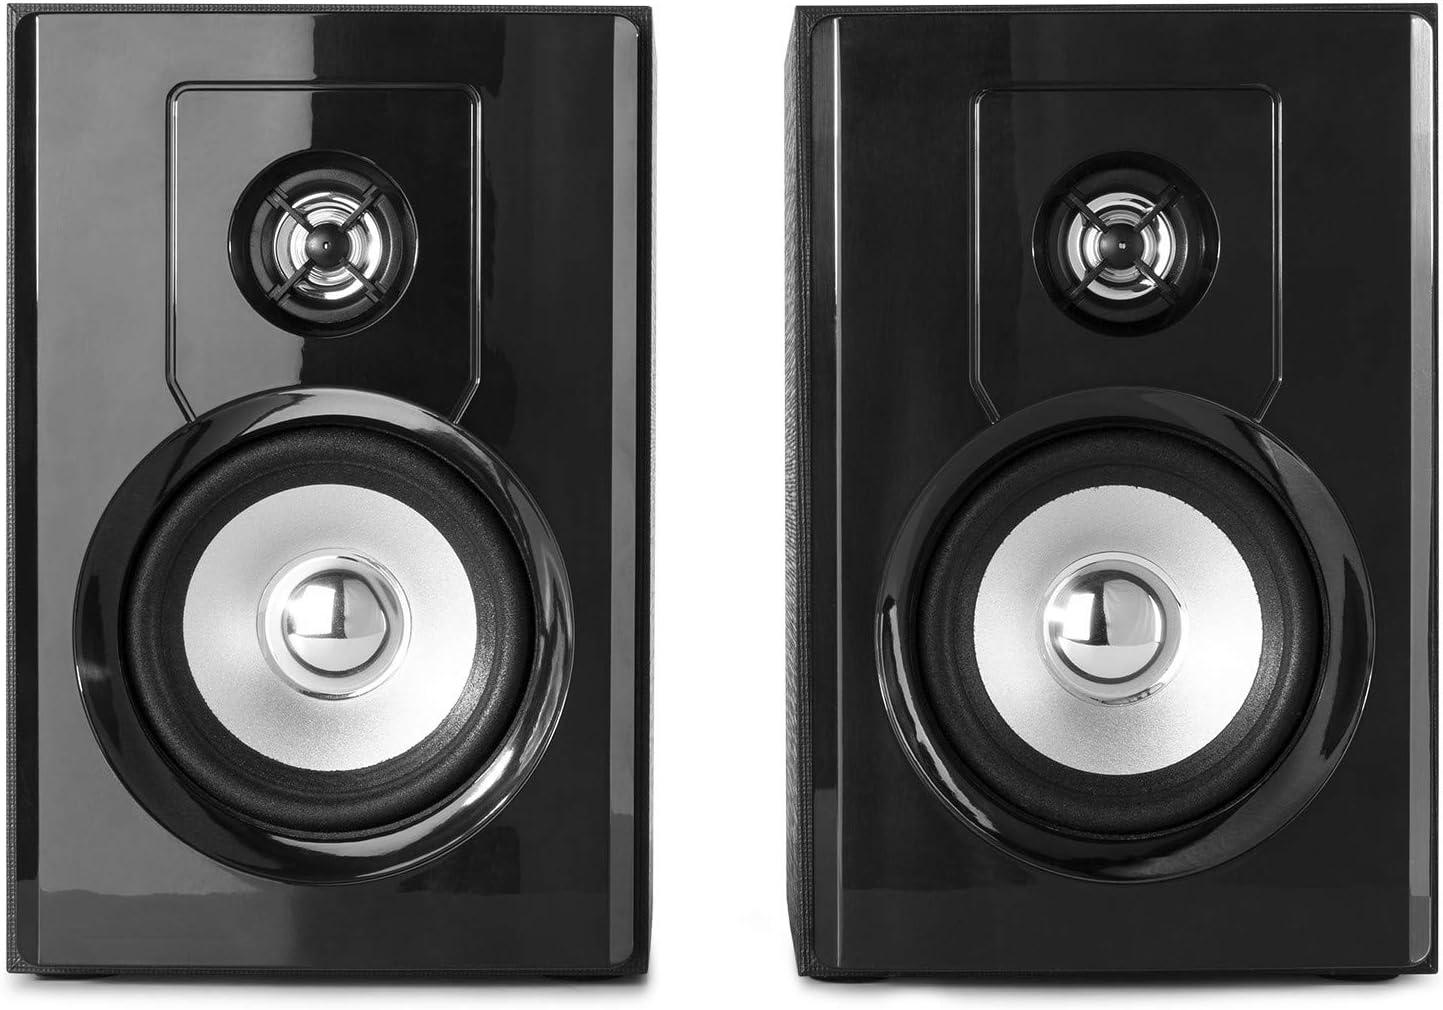 Haut-parleurs Actifs Paire denceintes de biblioth/èque avec Bluetooth Les Films et la Production Musicale id/éal pour la Musique Les Jeux 4 Fenton SHF404B 160 Watts USB et RCA